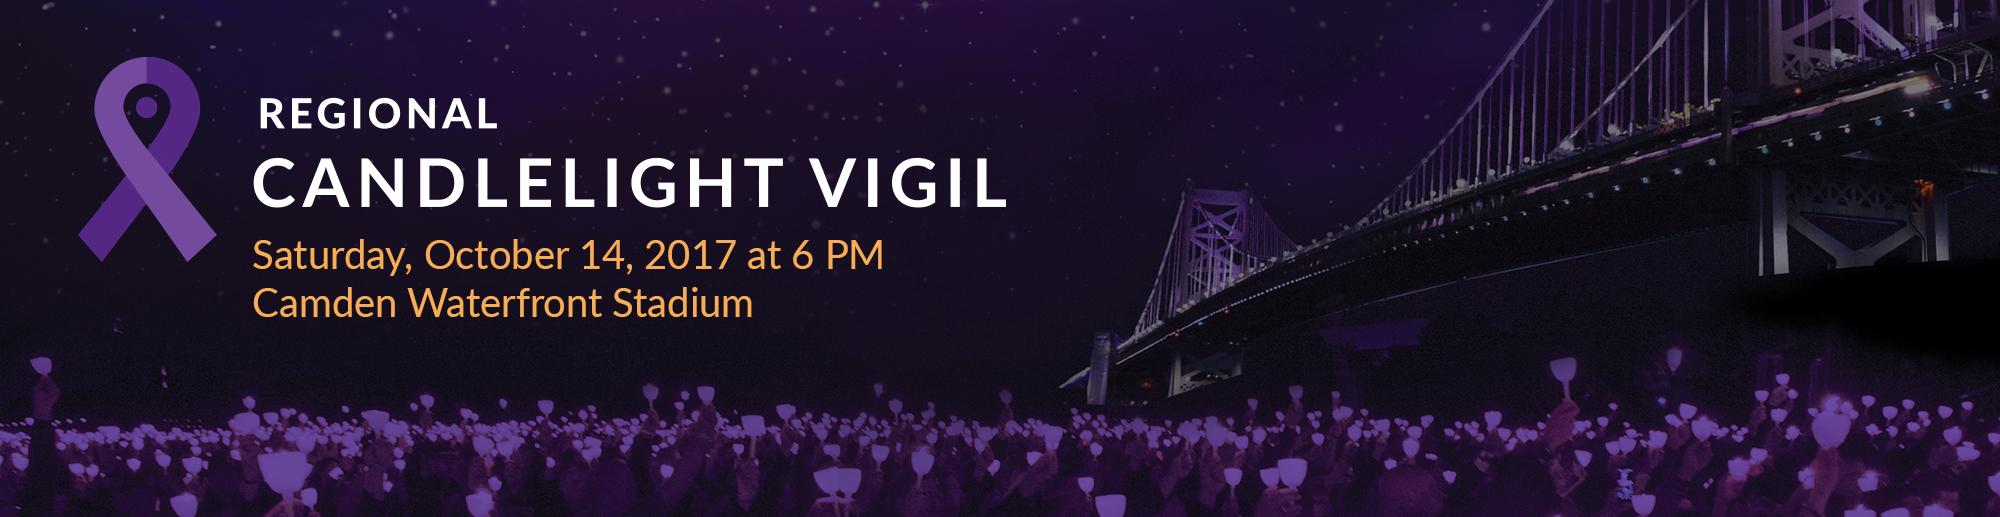 Regional Candlelight Vigil